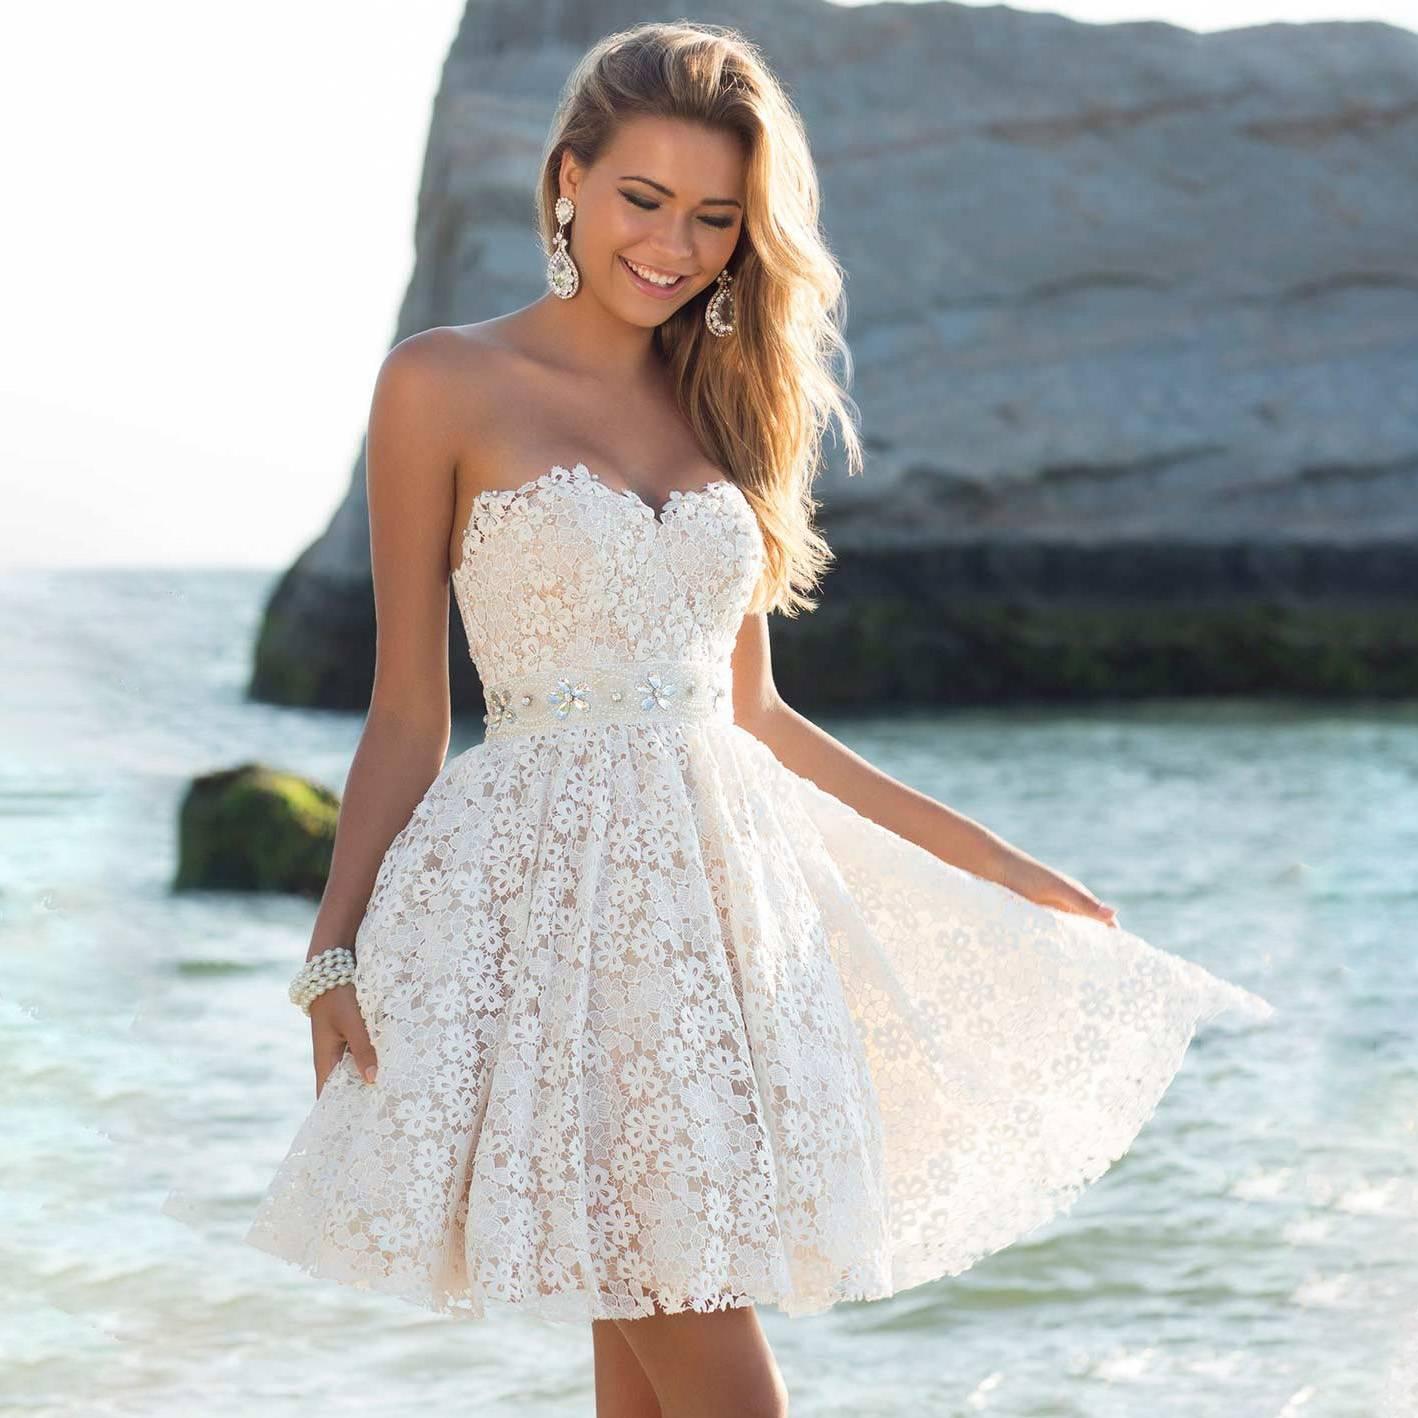 Платья со шлейфом: красивые длинные и короткие спереди, вечерние, на выпускной, кружевные